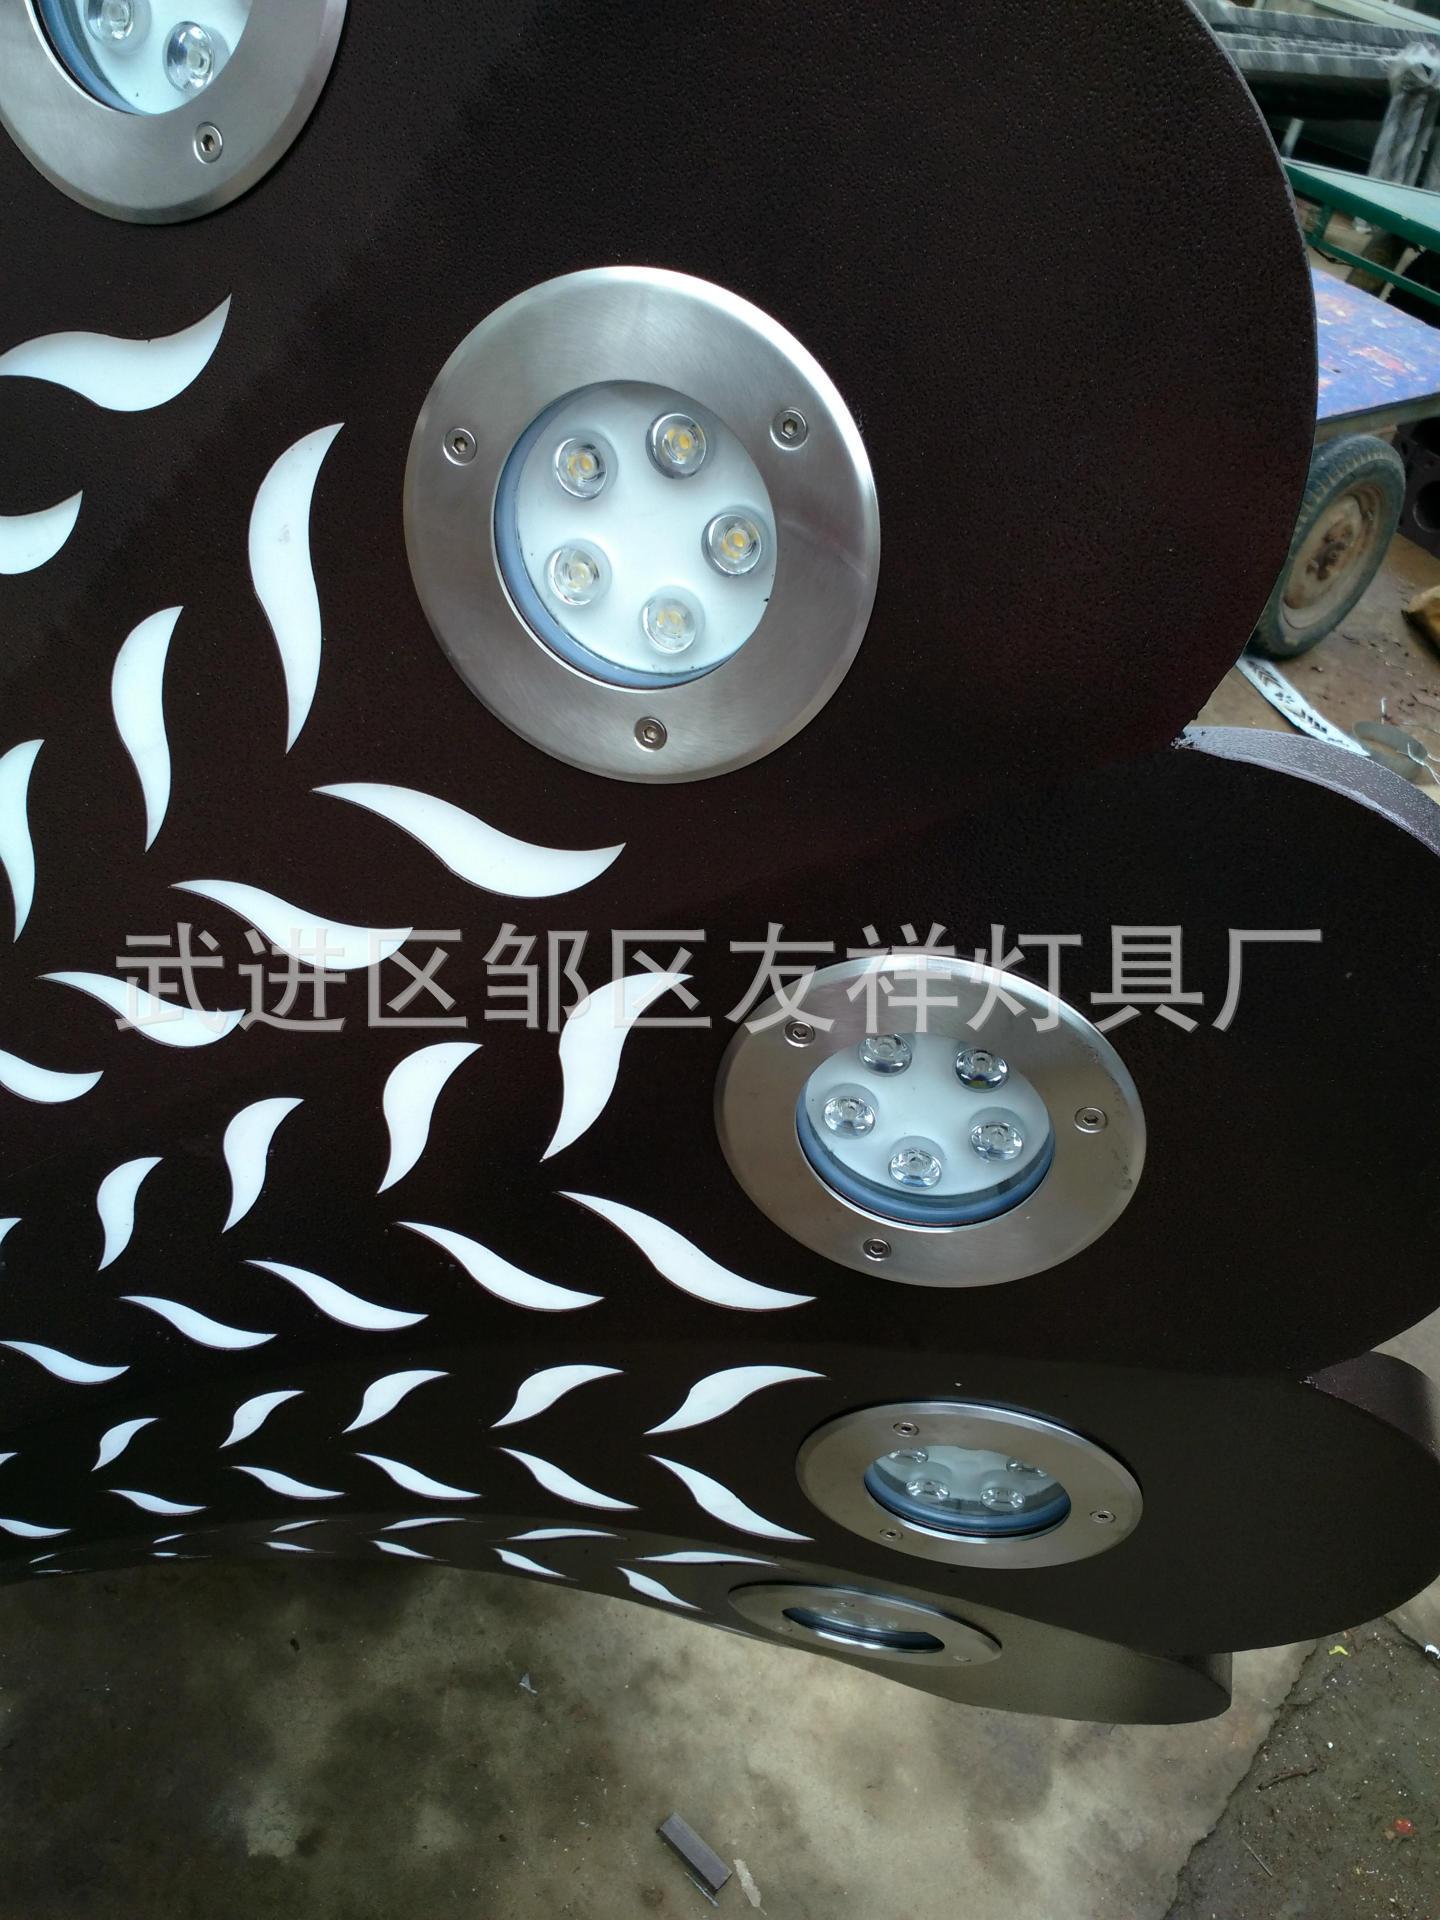 Đèn LED chiếu sáng công Nhà sản xuất ngoài trời Quảng trường kiến trúc cảnh quan sân Ánh sáng đèn /